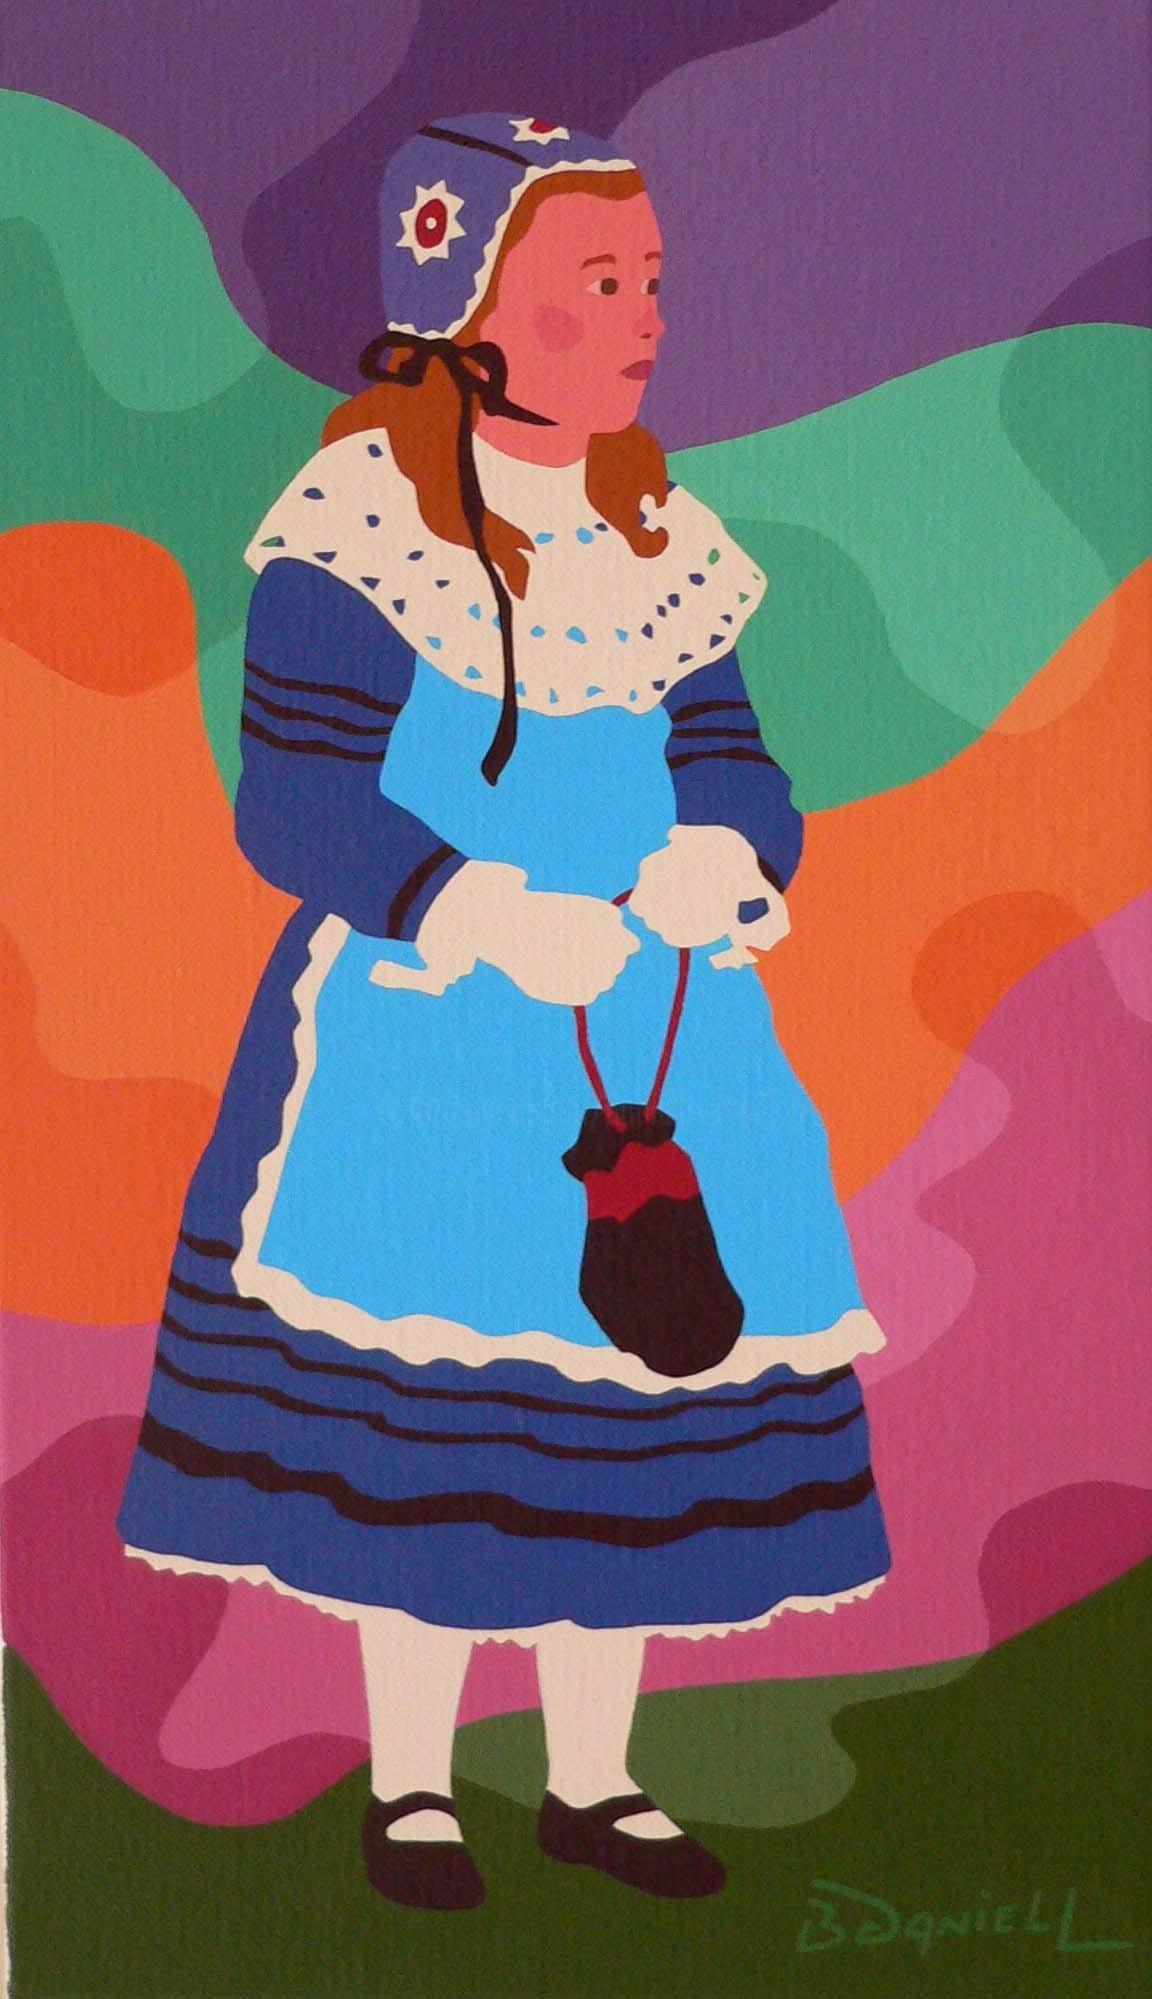 Danielle Braillon (DANIELL) - Petite fille au tablier bleu